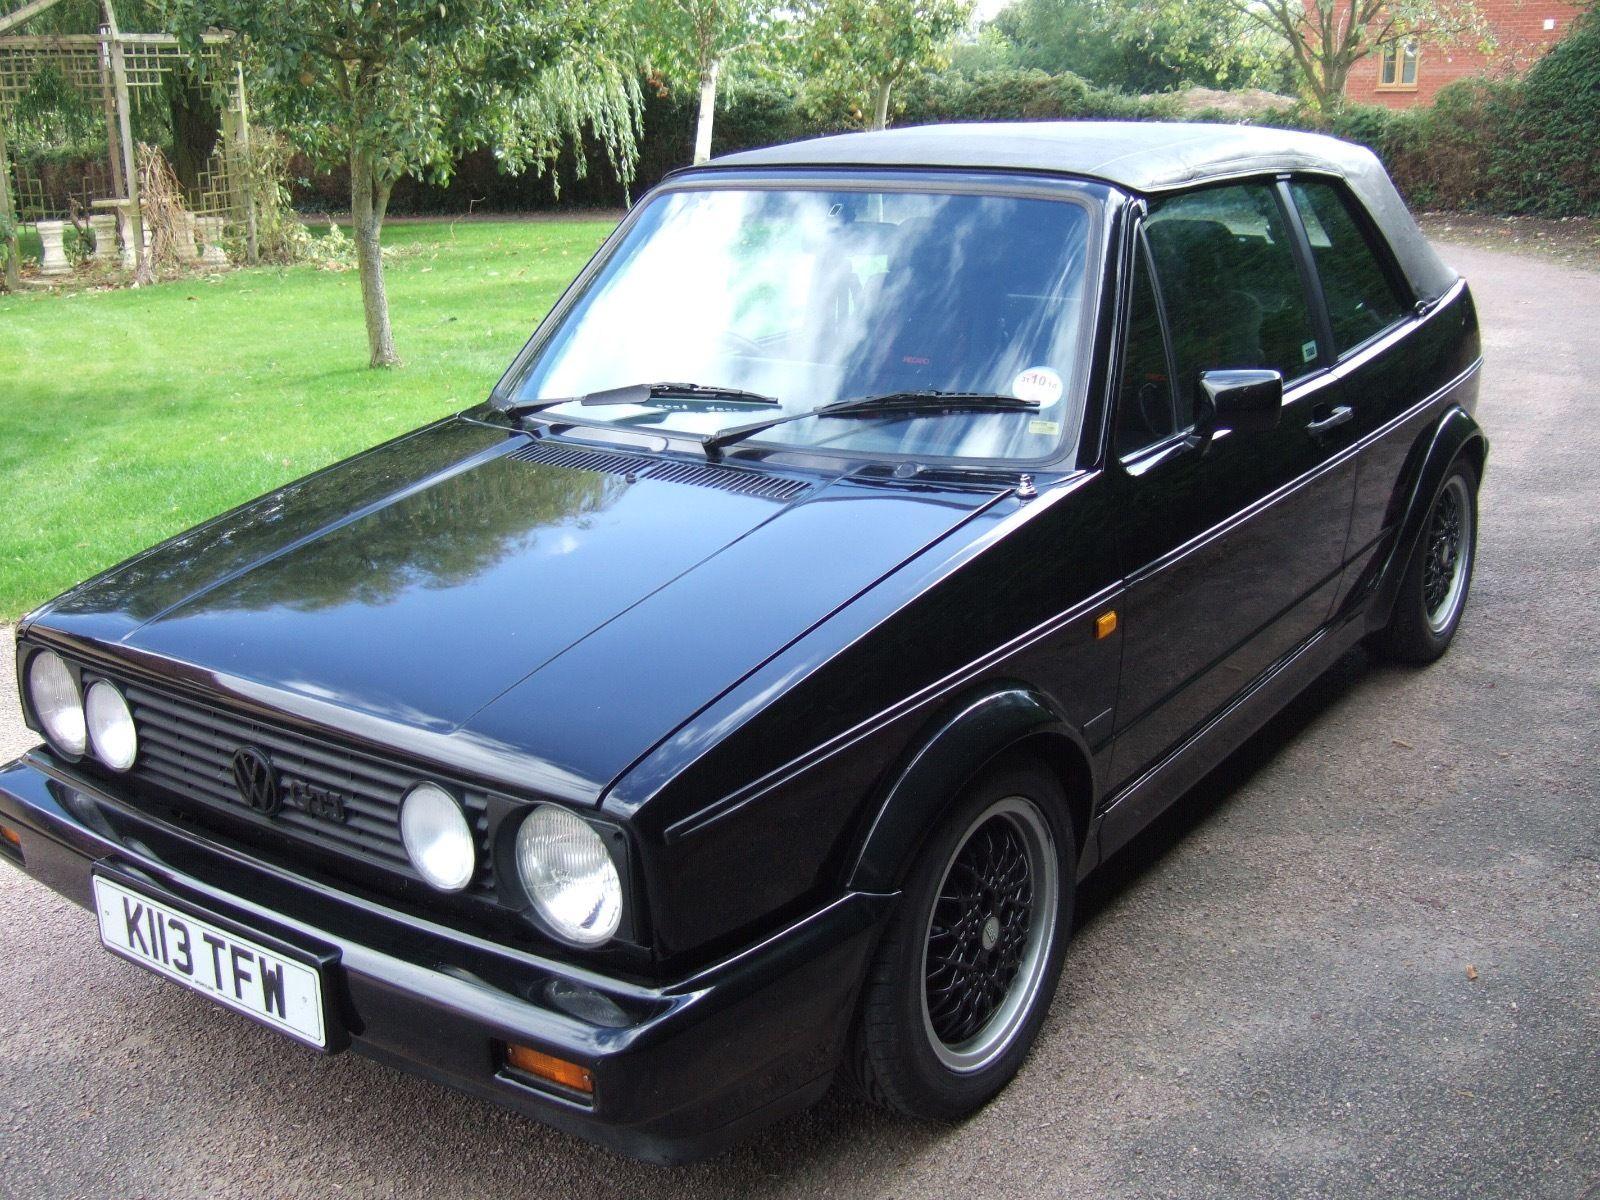 1993 golf cabriolet 1 8 sportline vw golf mk2 oc cars. Black Bedroom Furniture Sets. Home Design Ideas